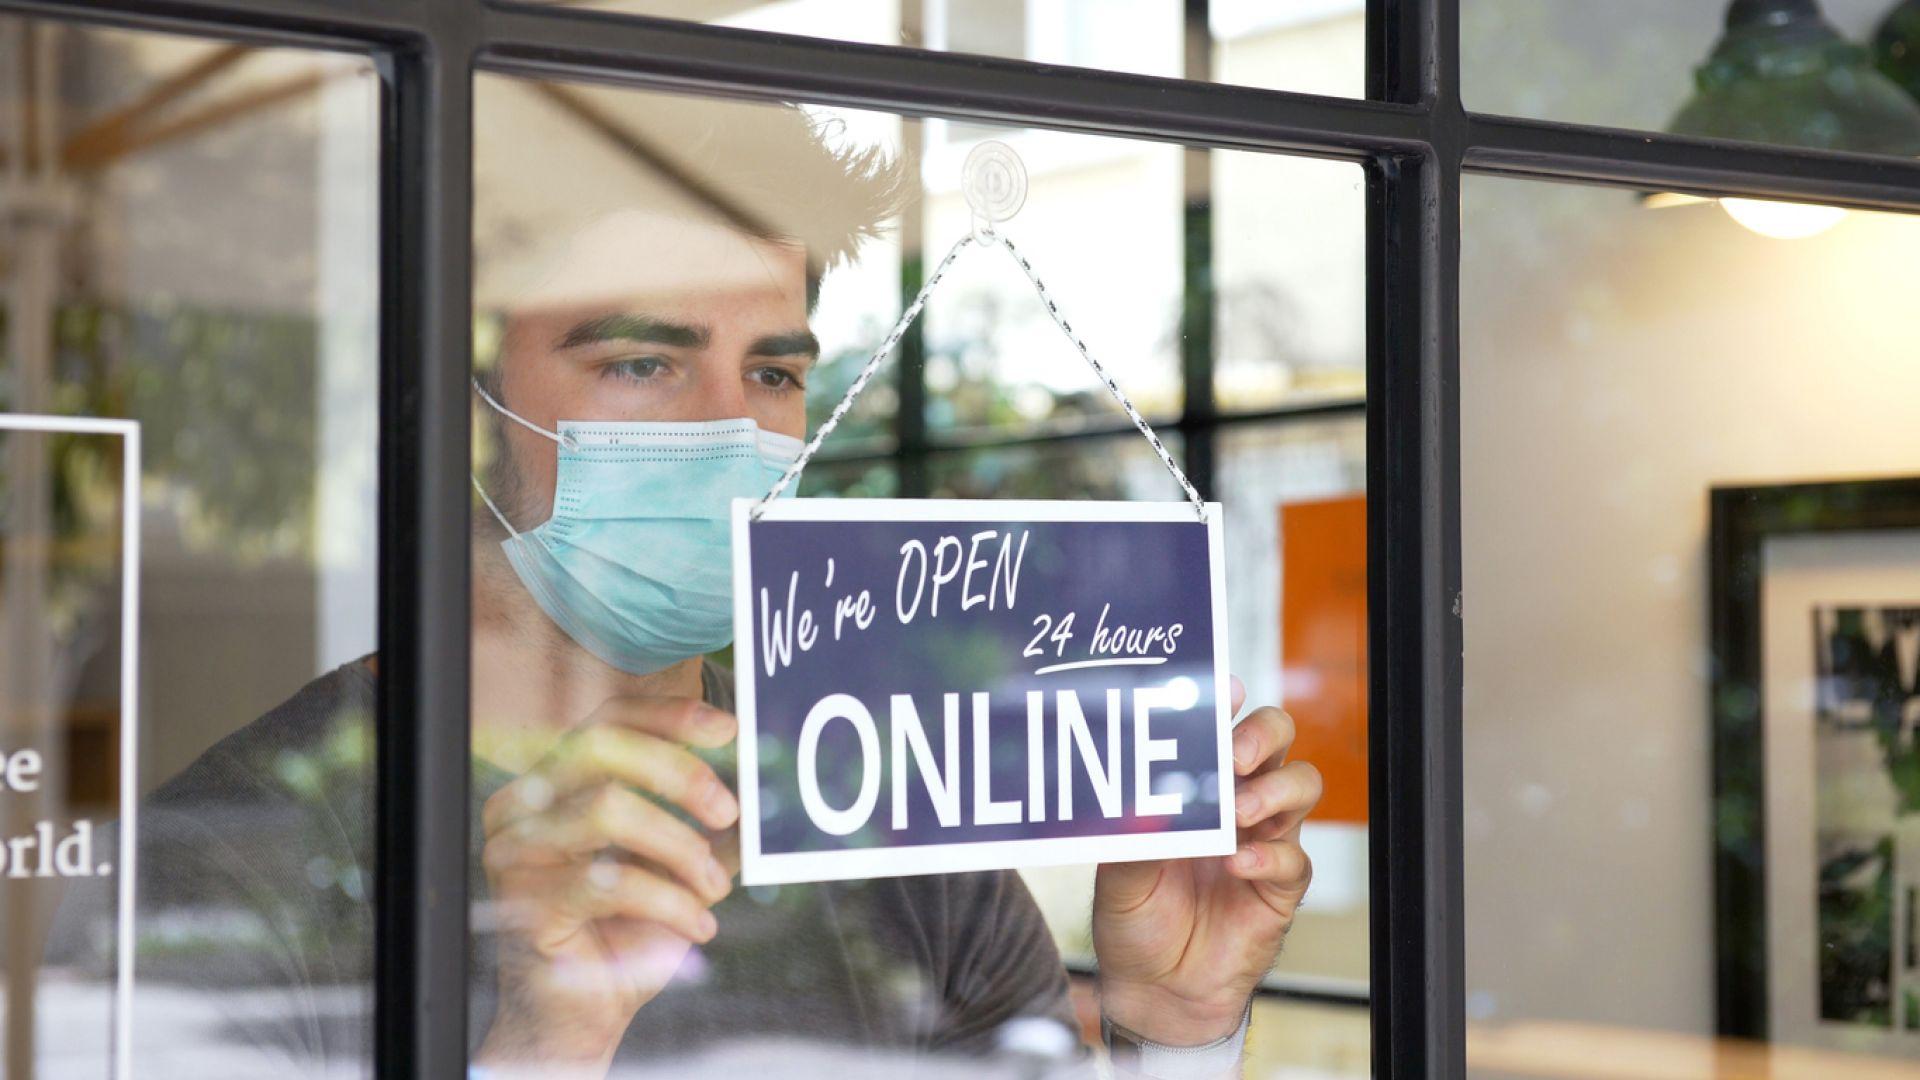 Пренасяте бизнеса си онлайн и продавате на повече клиенти